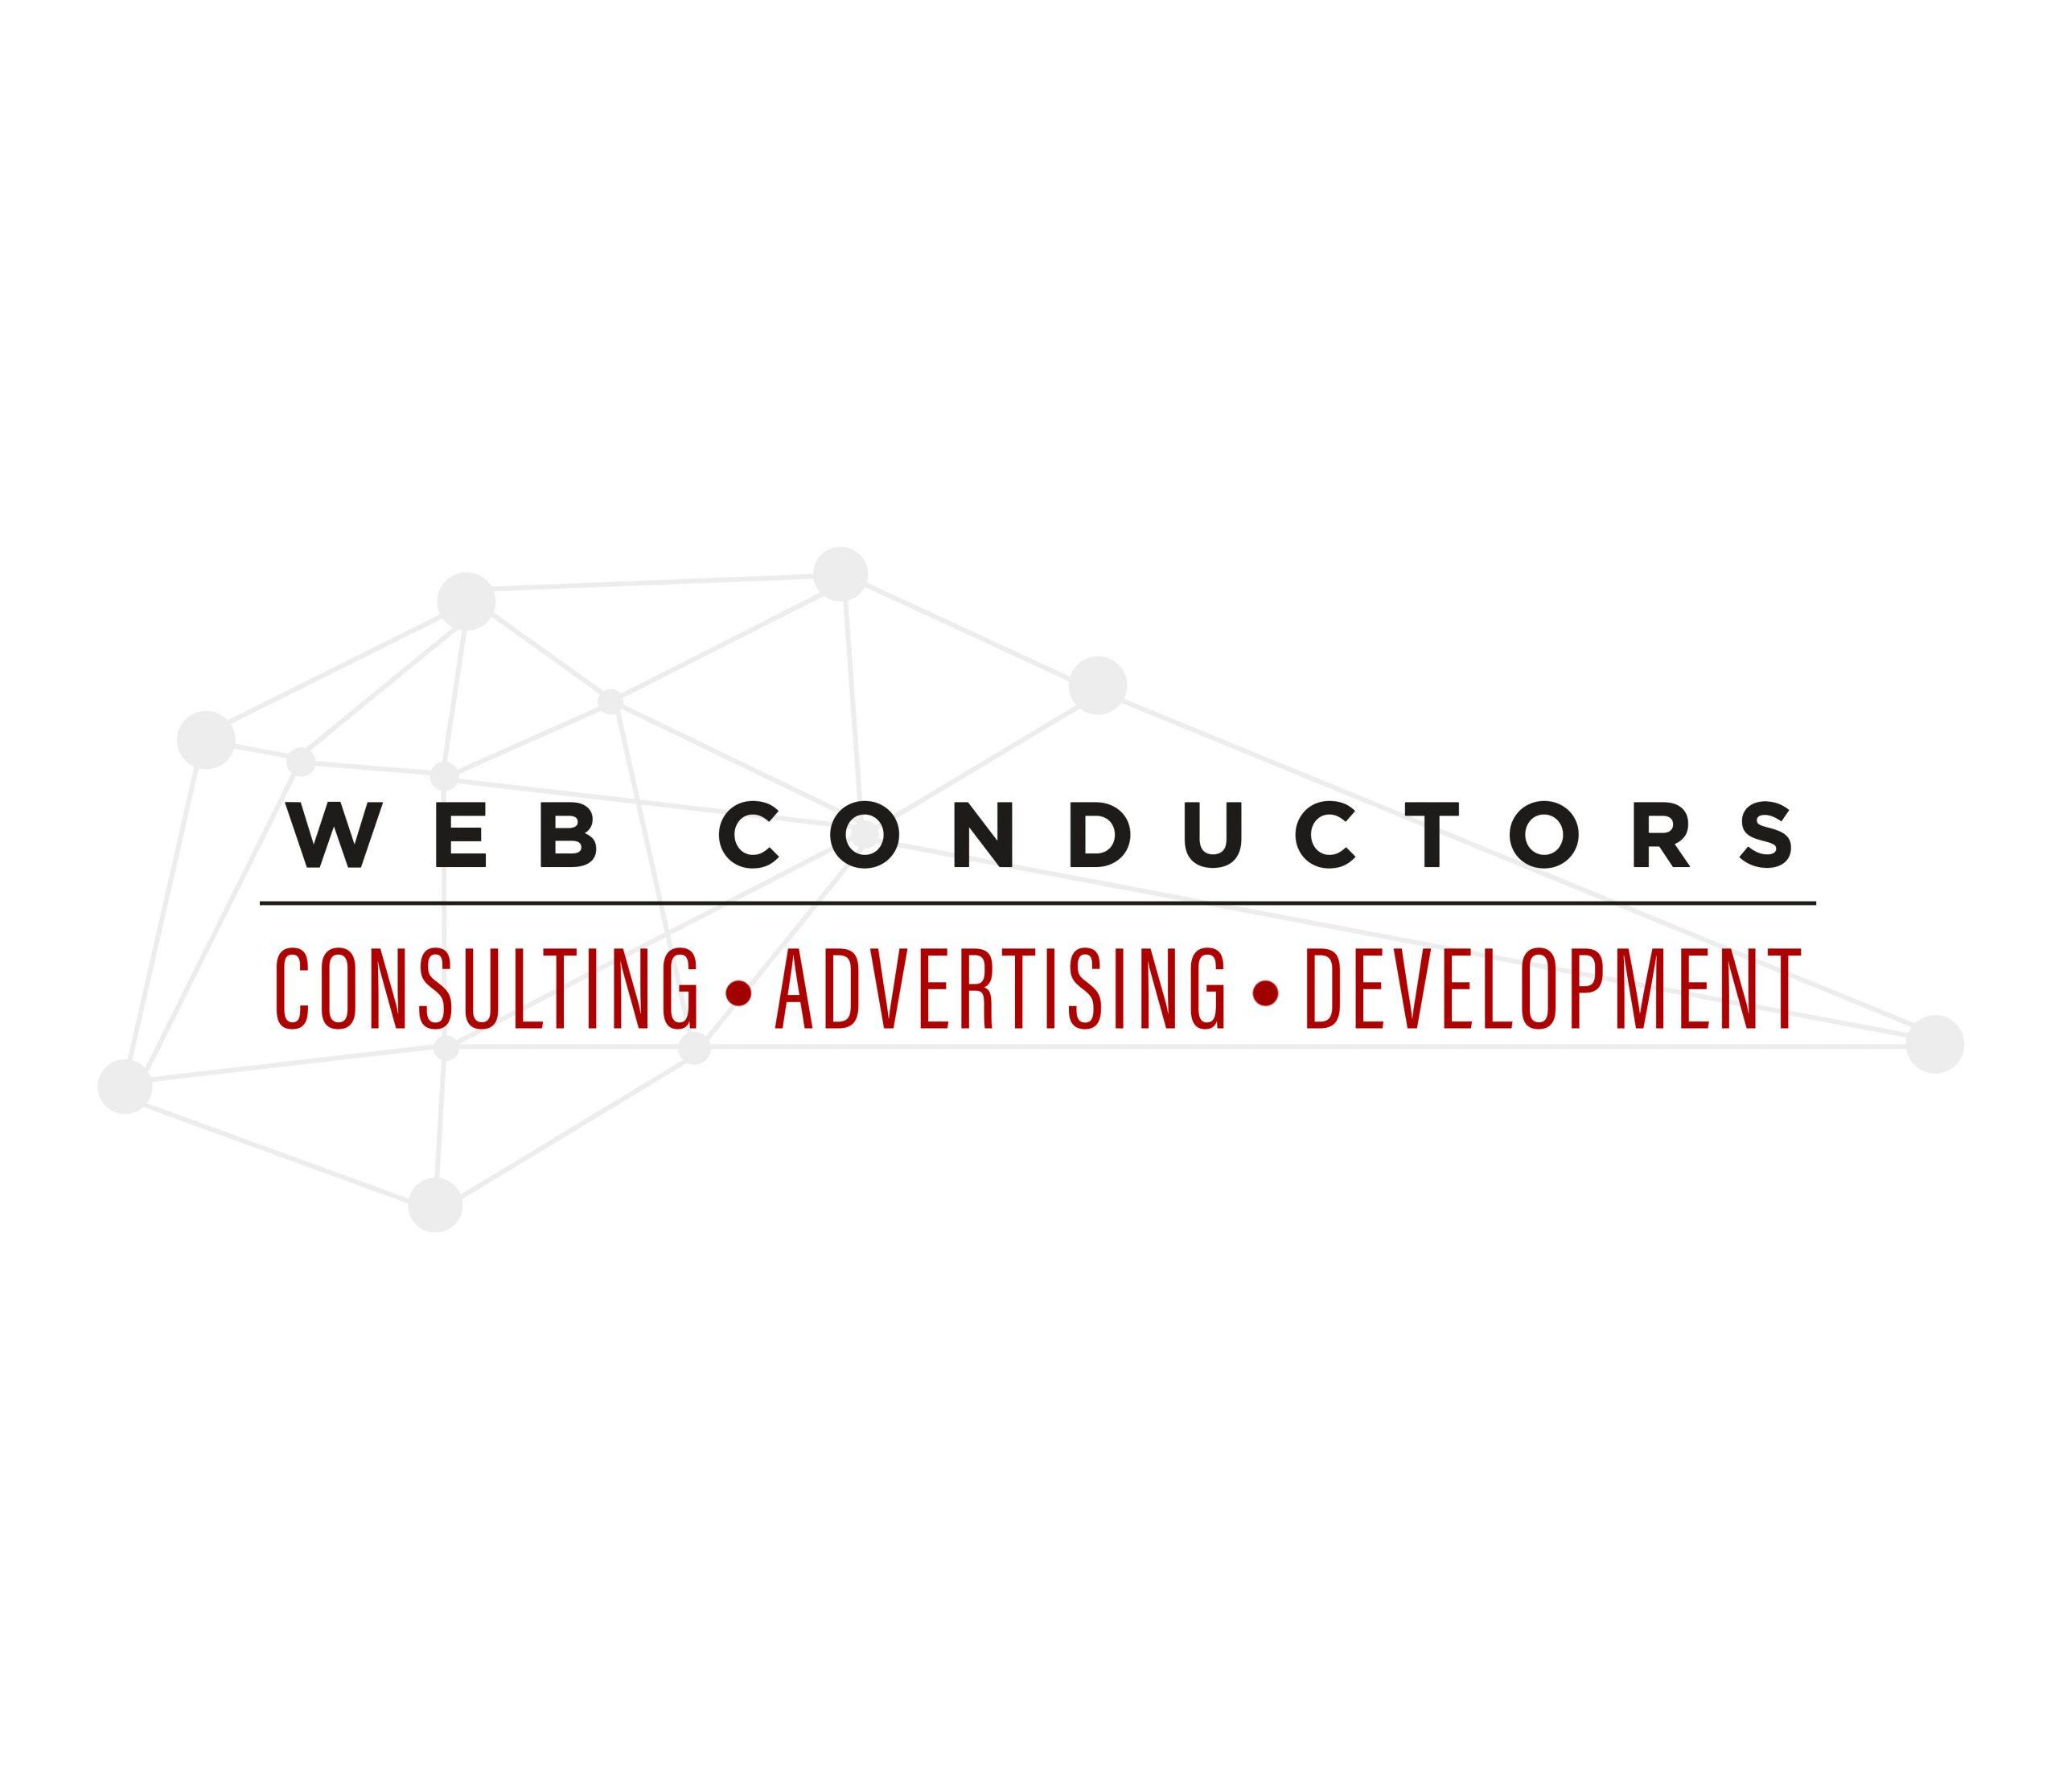 Web Conductors